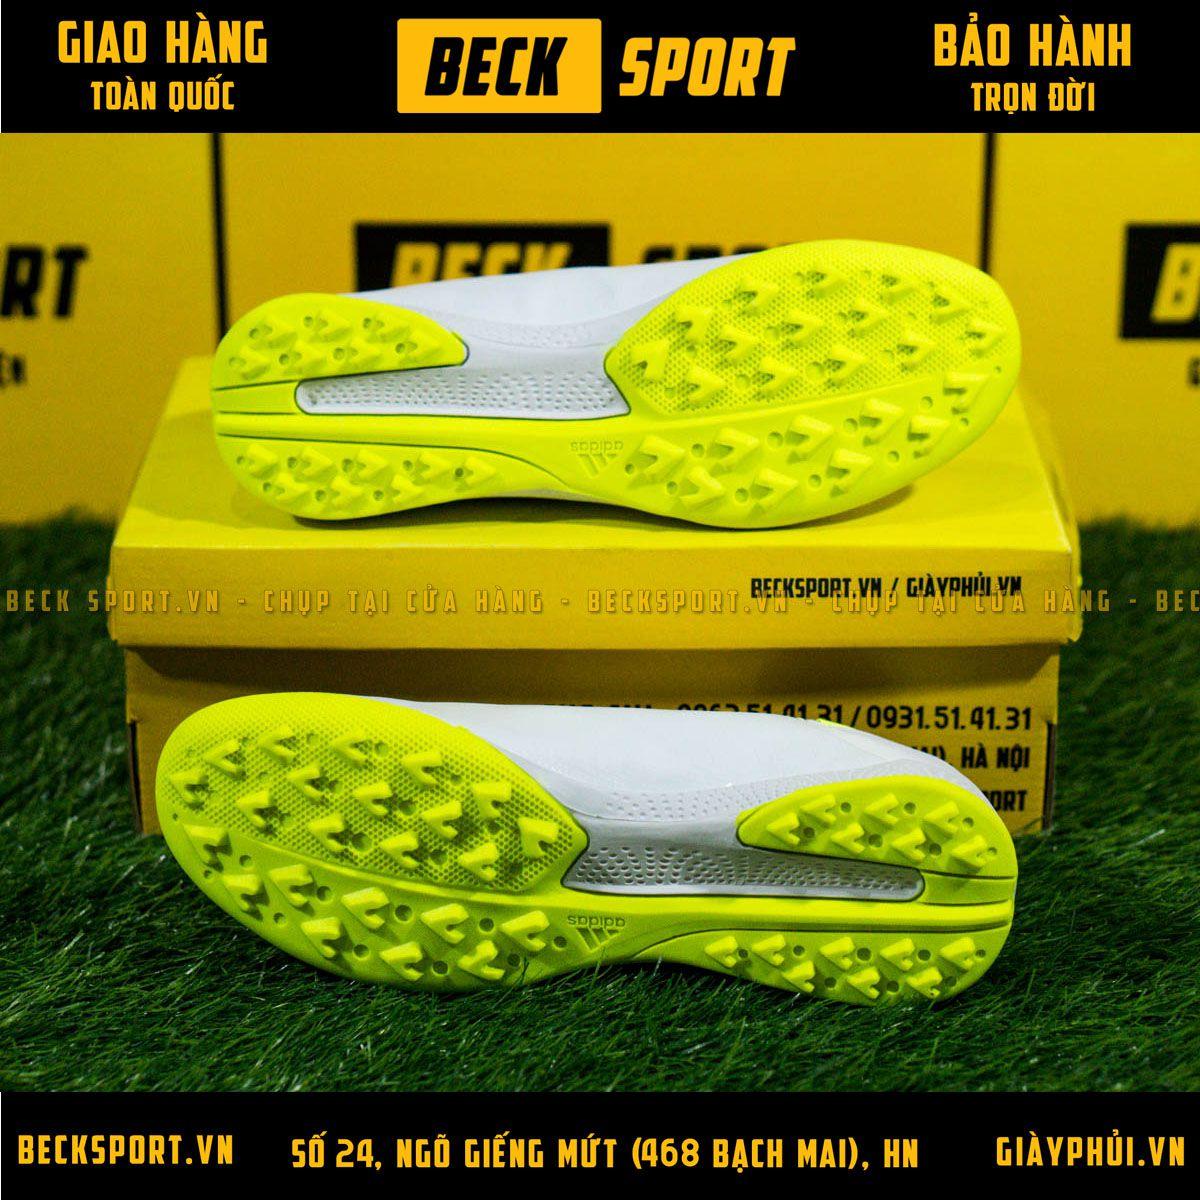 Giày Bóng Đá Adidas X 18.3 Trắng Vạch Chuối Đế Chuối V2 TF